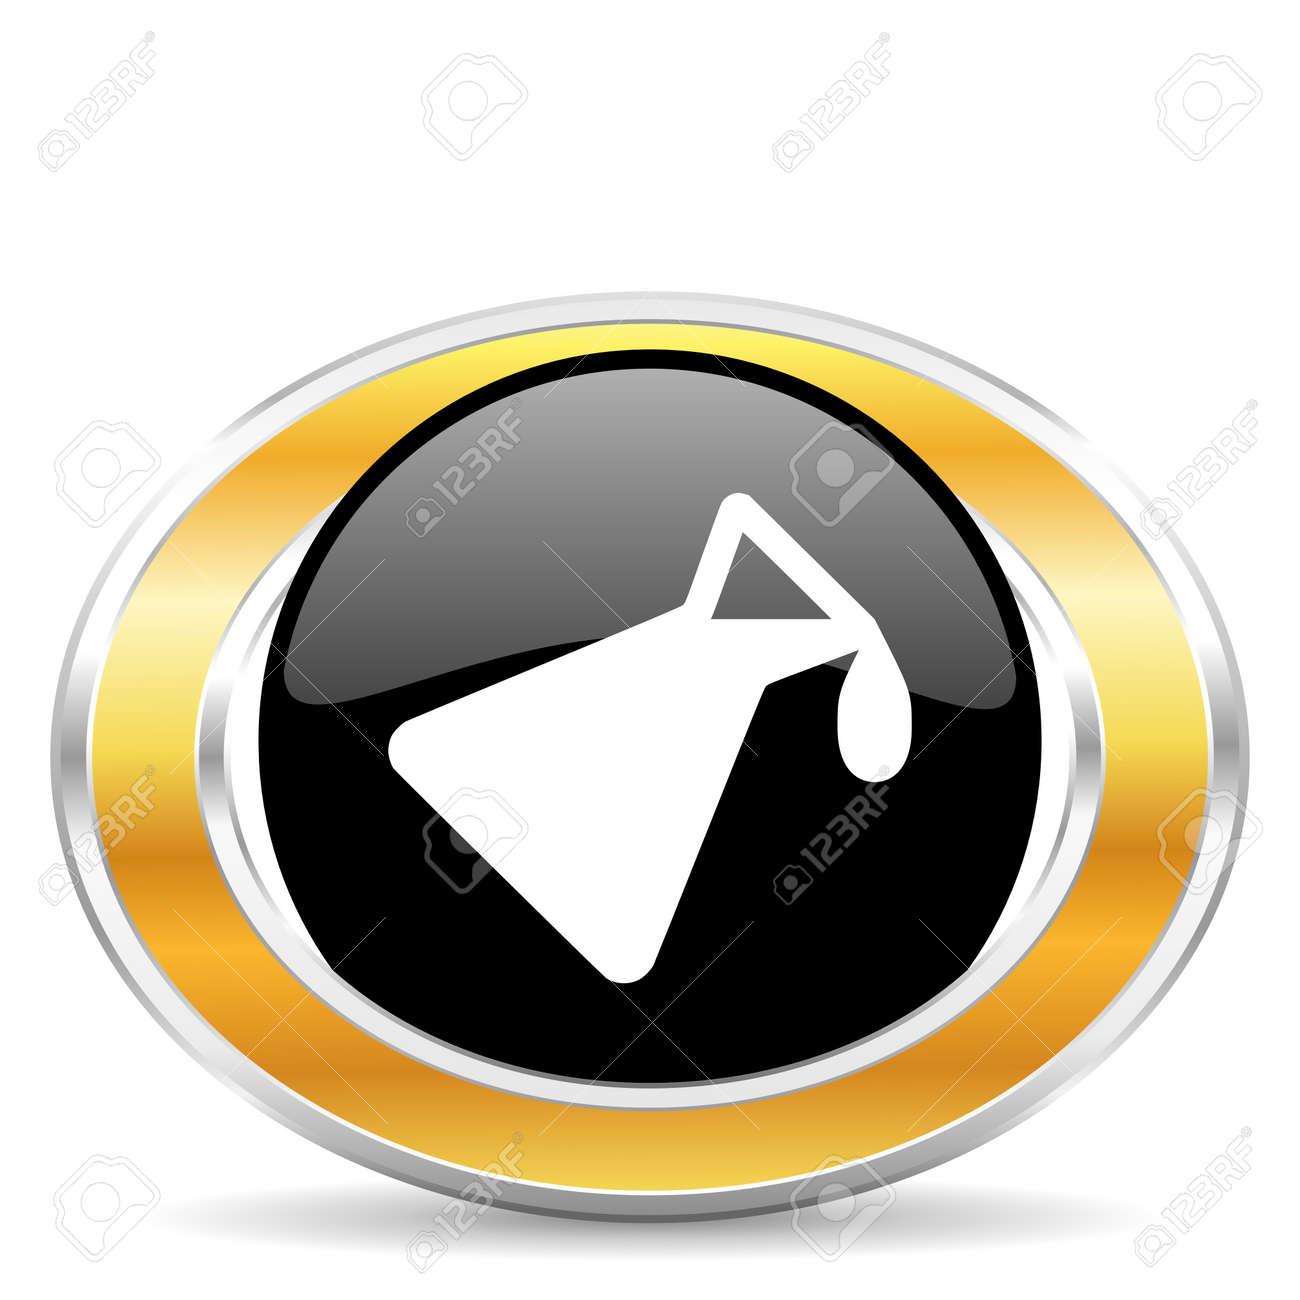 chemistry icon Stock Photo - 22320882